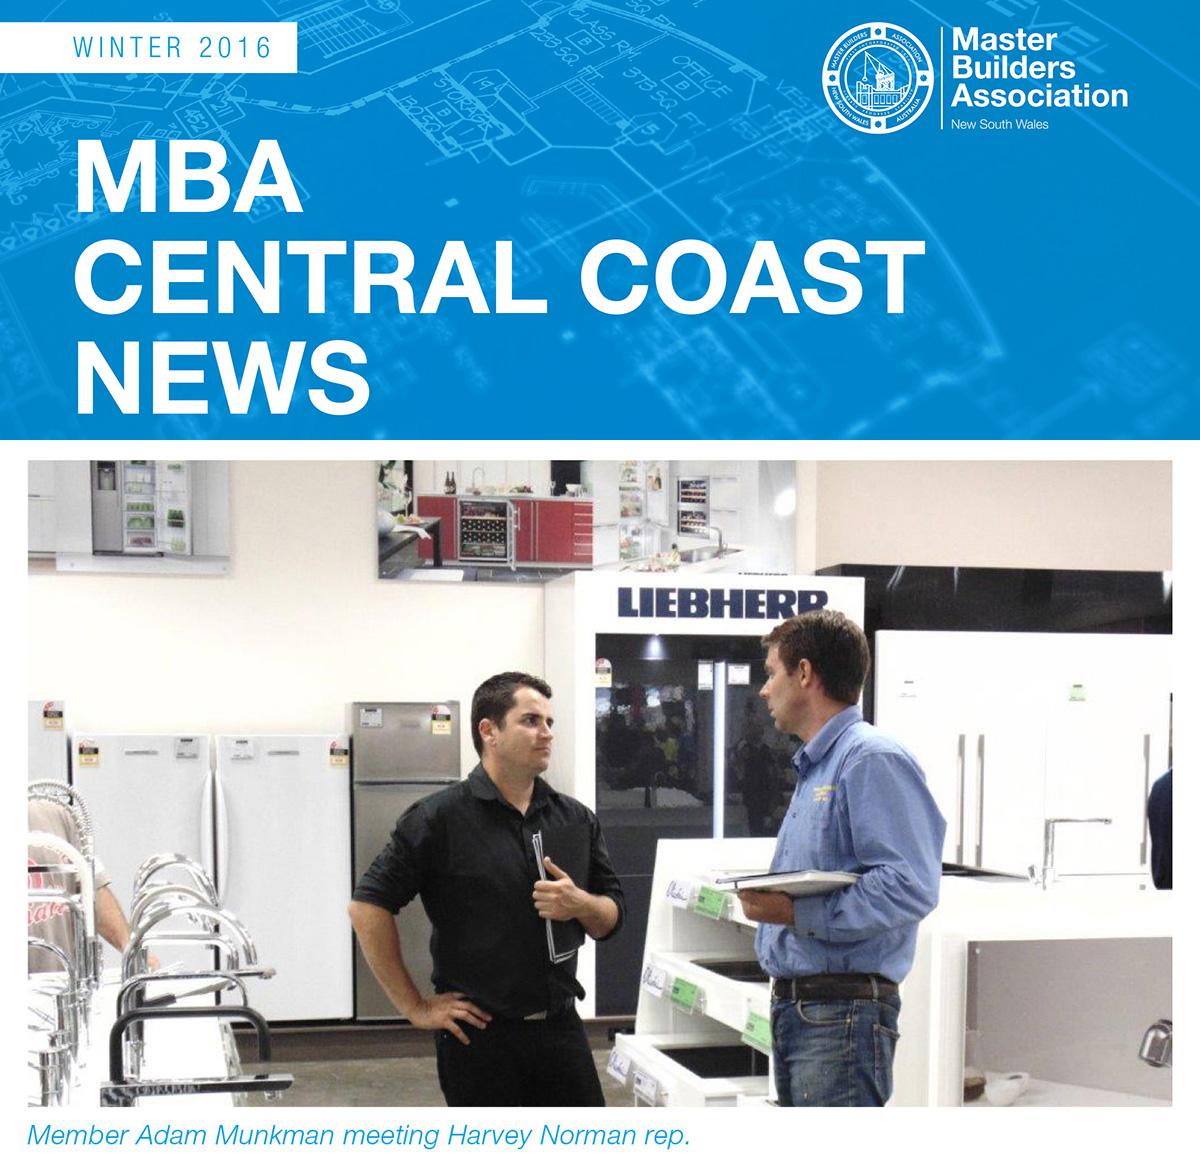 MBA  CENTRAL COAST NEWS